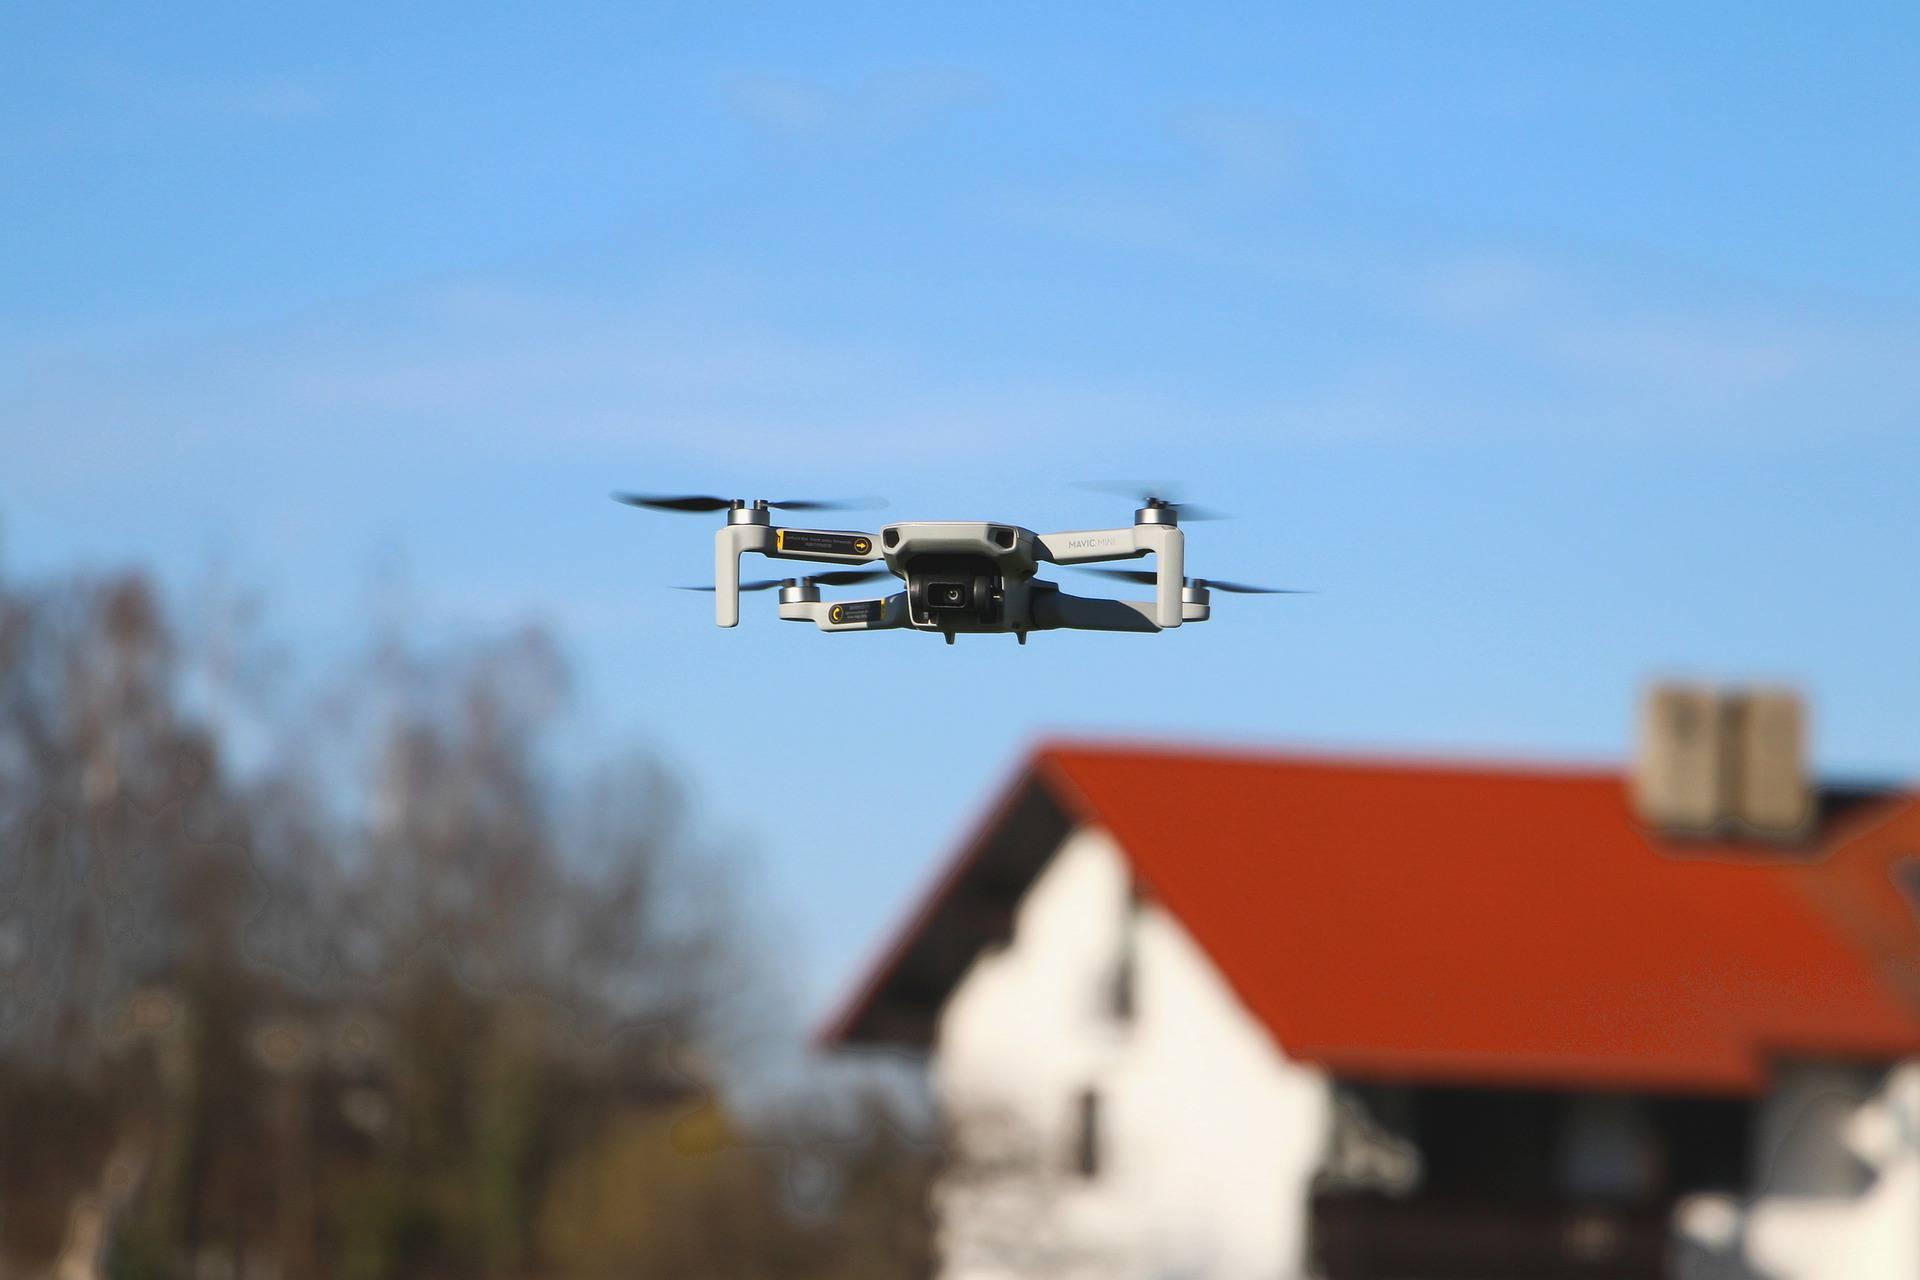 Kršili mjere Stožera: Dron ih snimio kako igraju nogomet